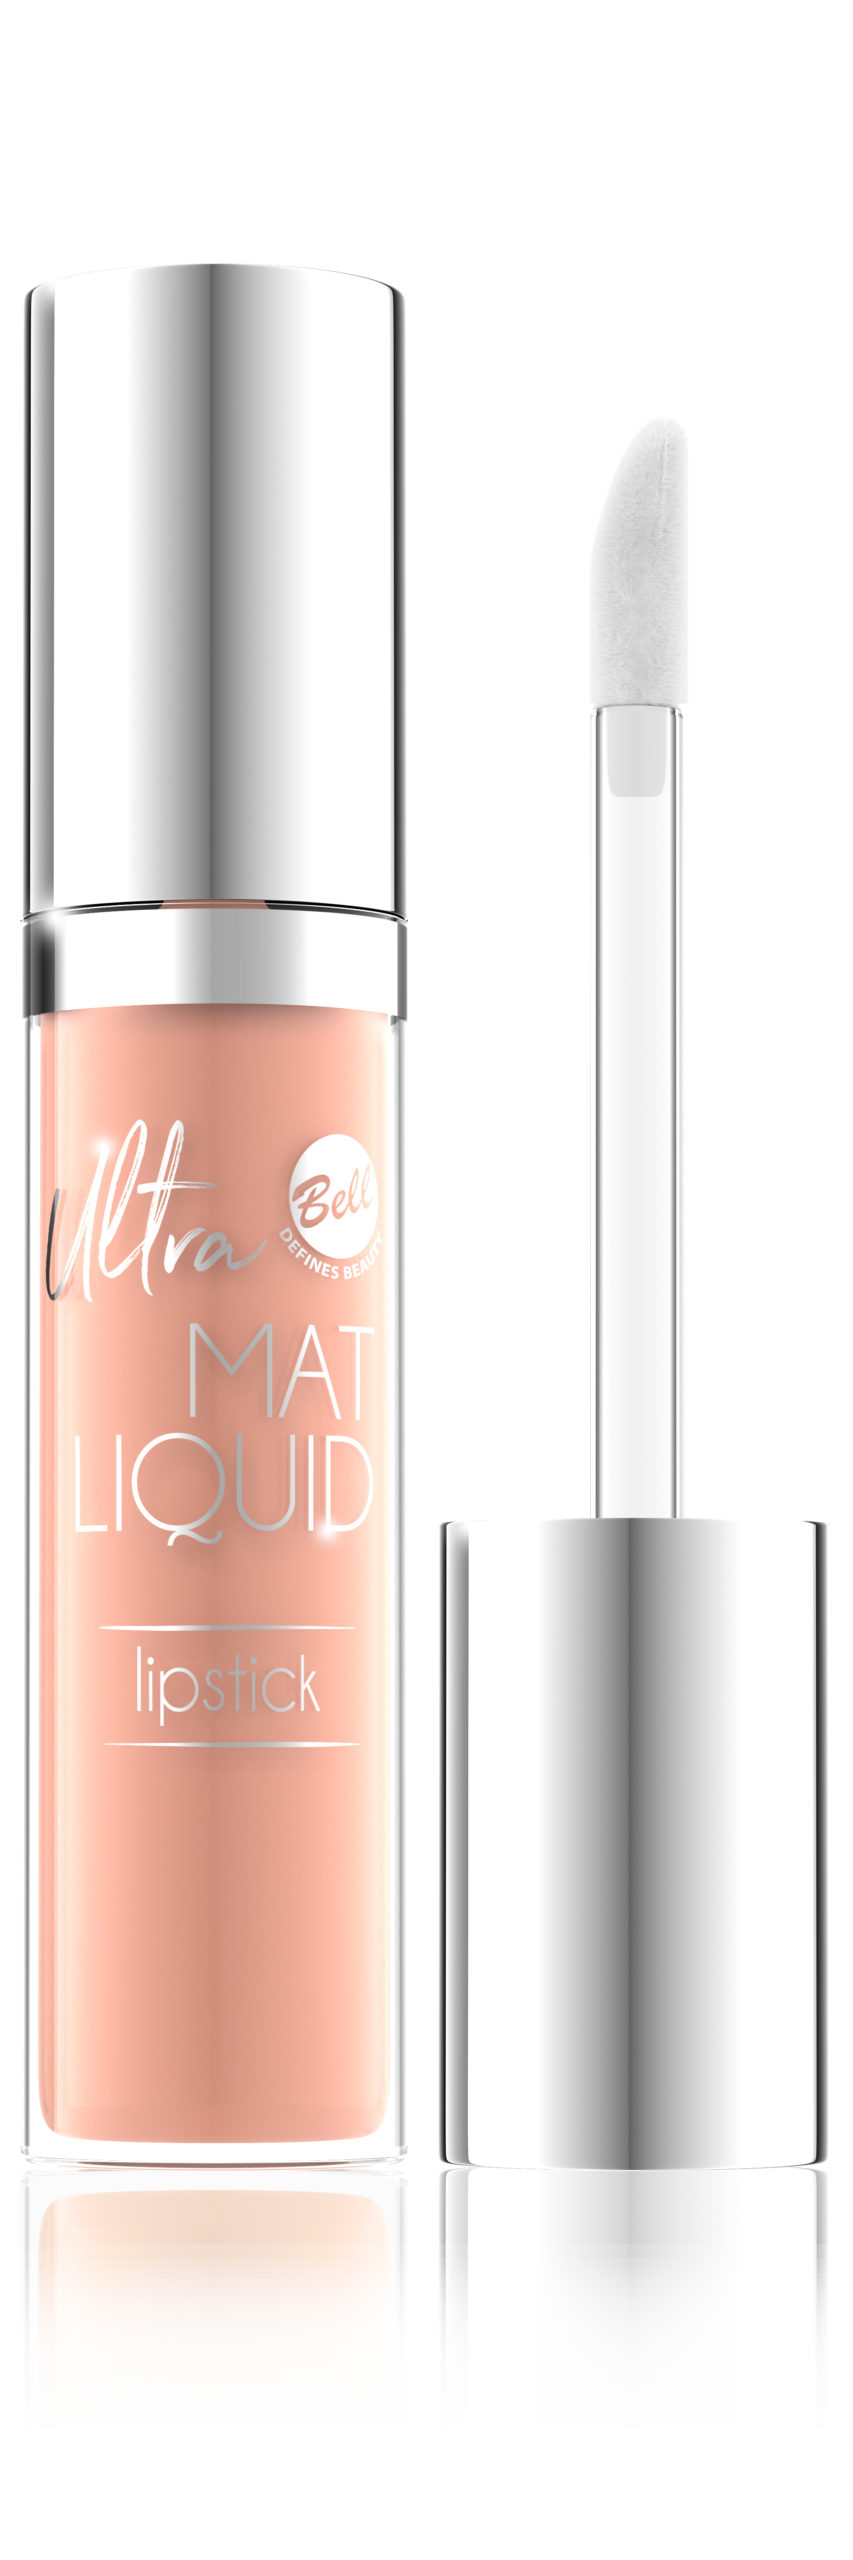 Ultra Mat Liquid Lipstick